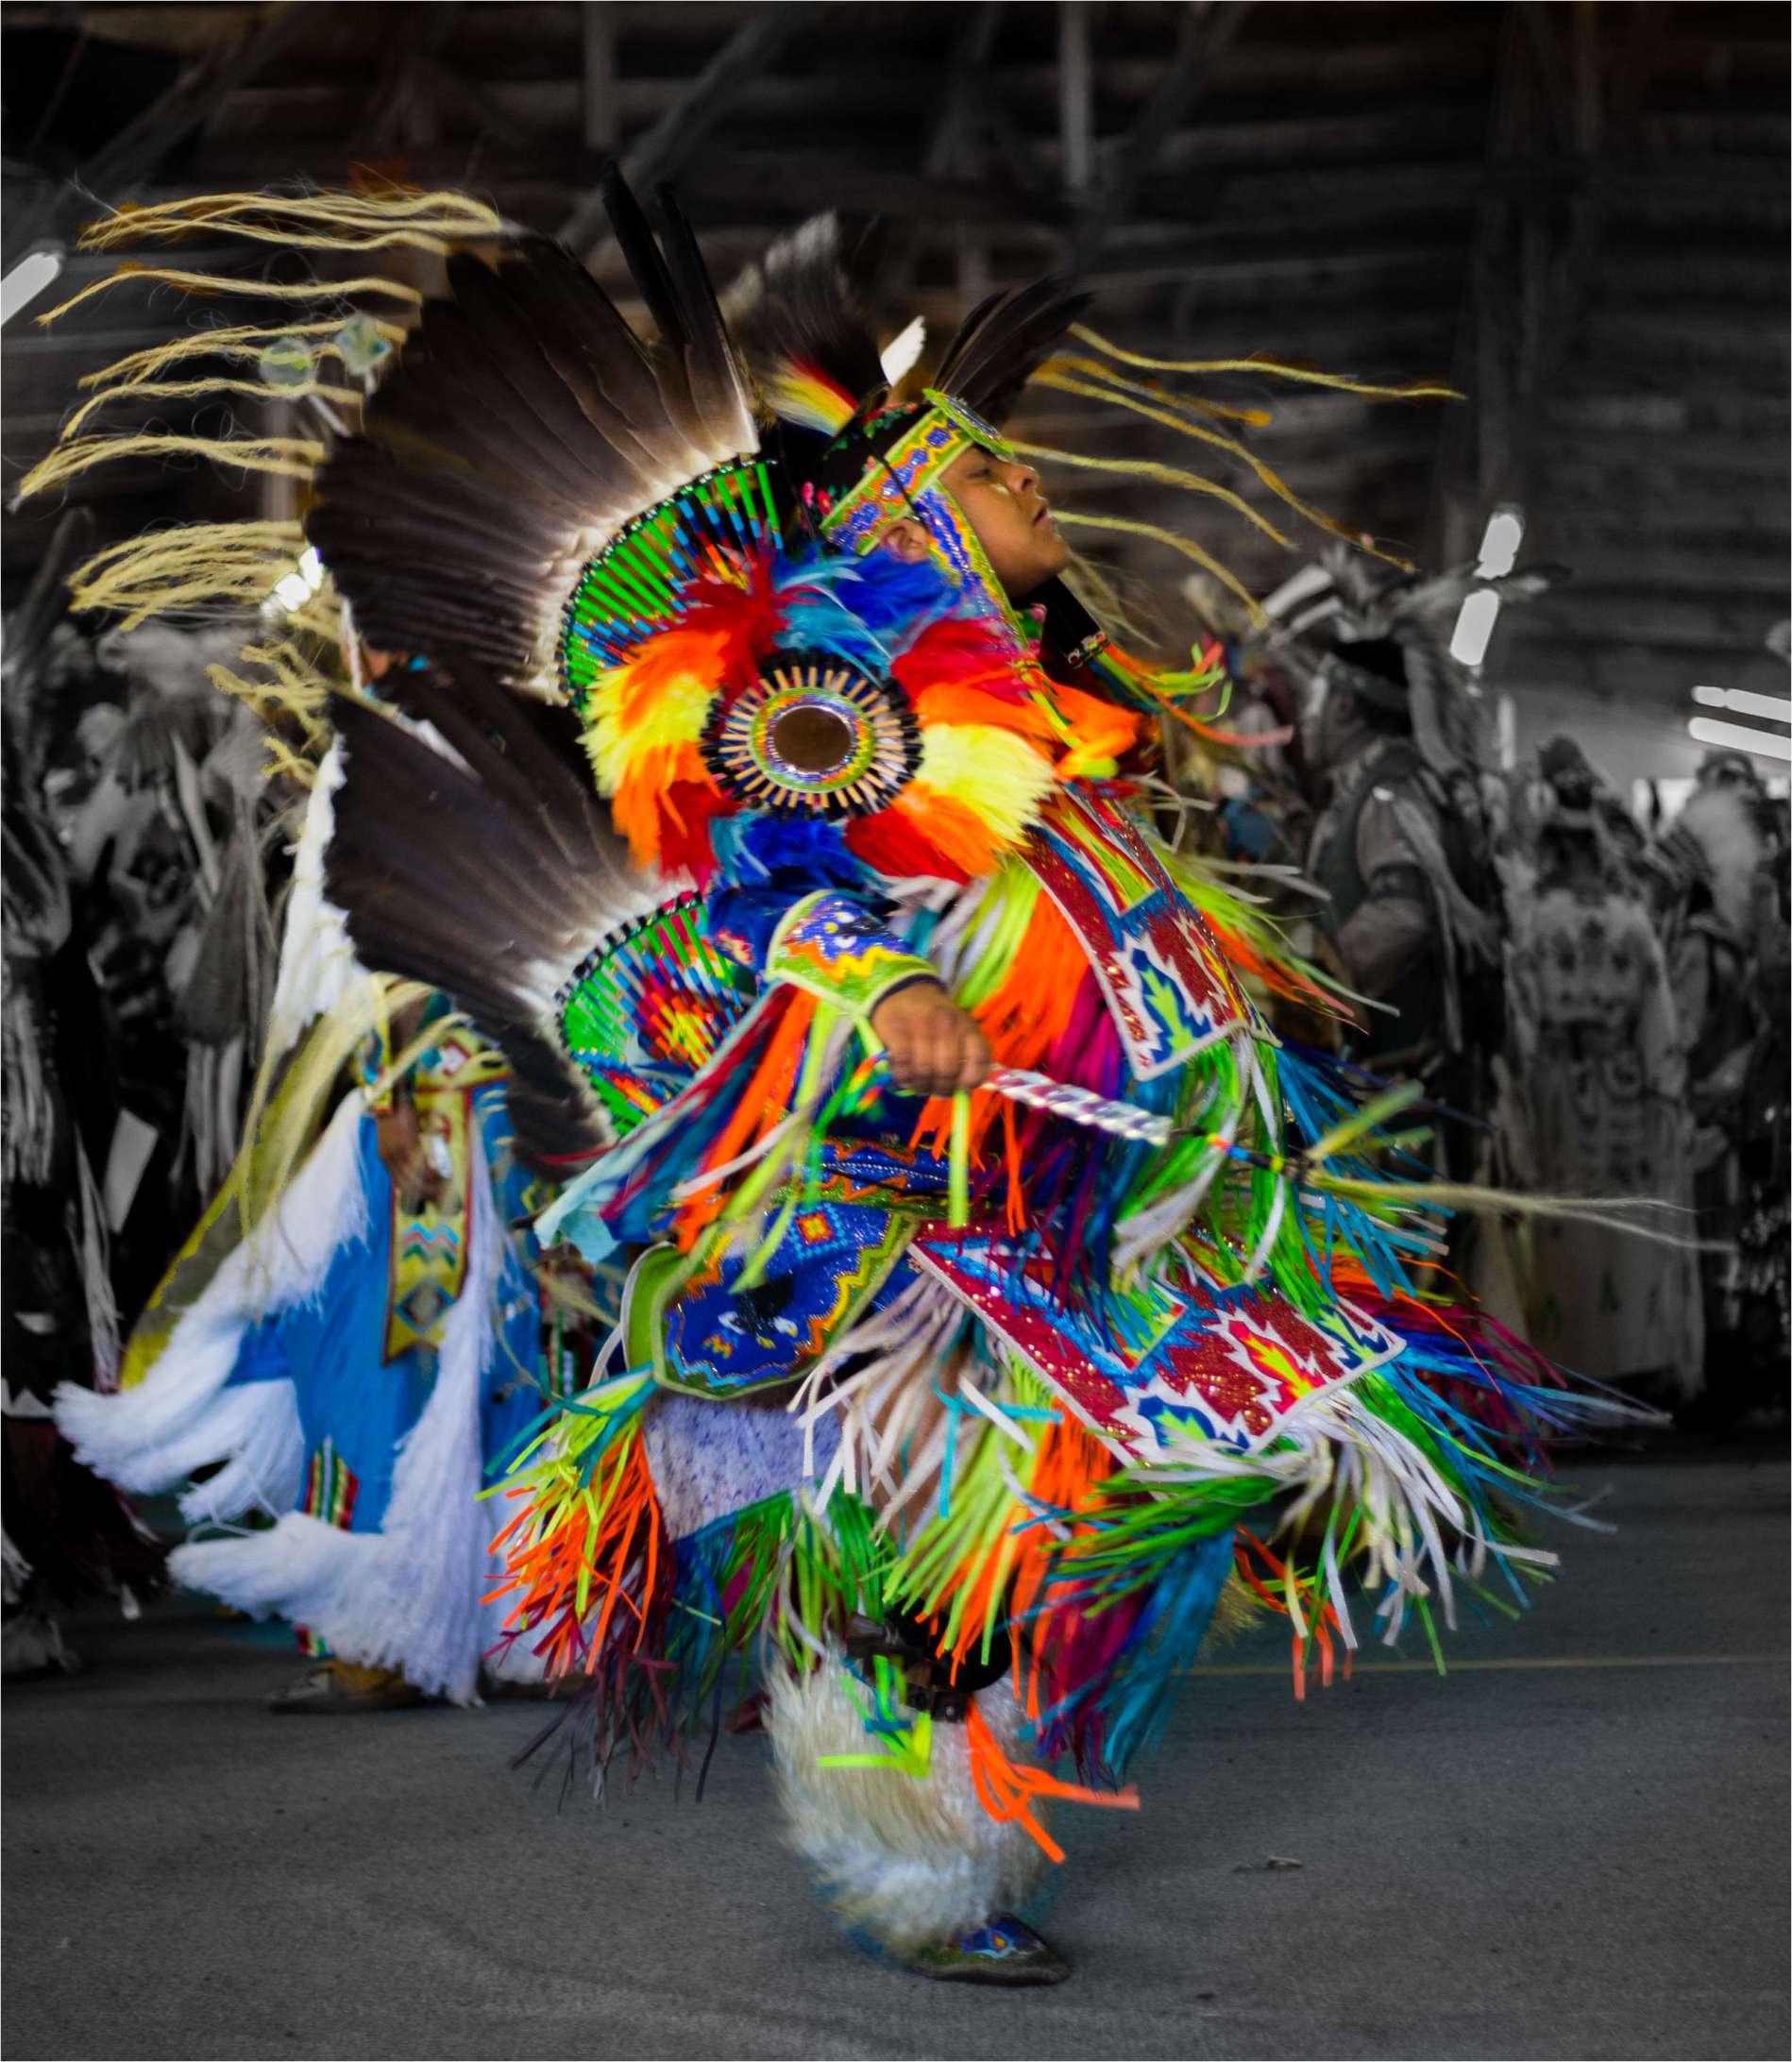 El Powow: Una celebración del panindianismo indígena en los Estados Unidos y Canadá